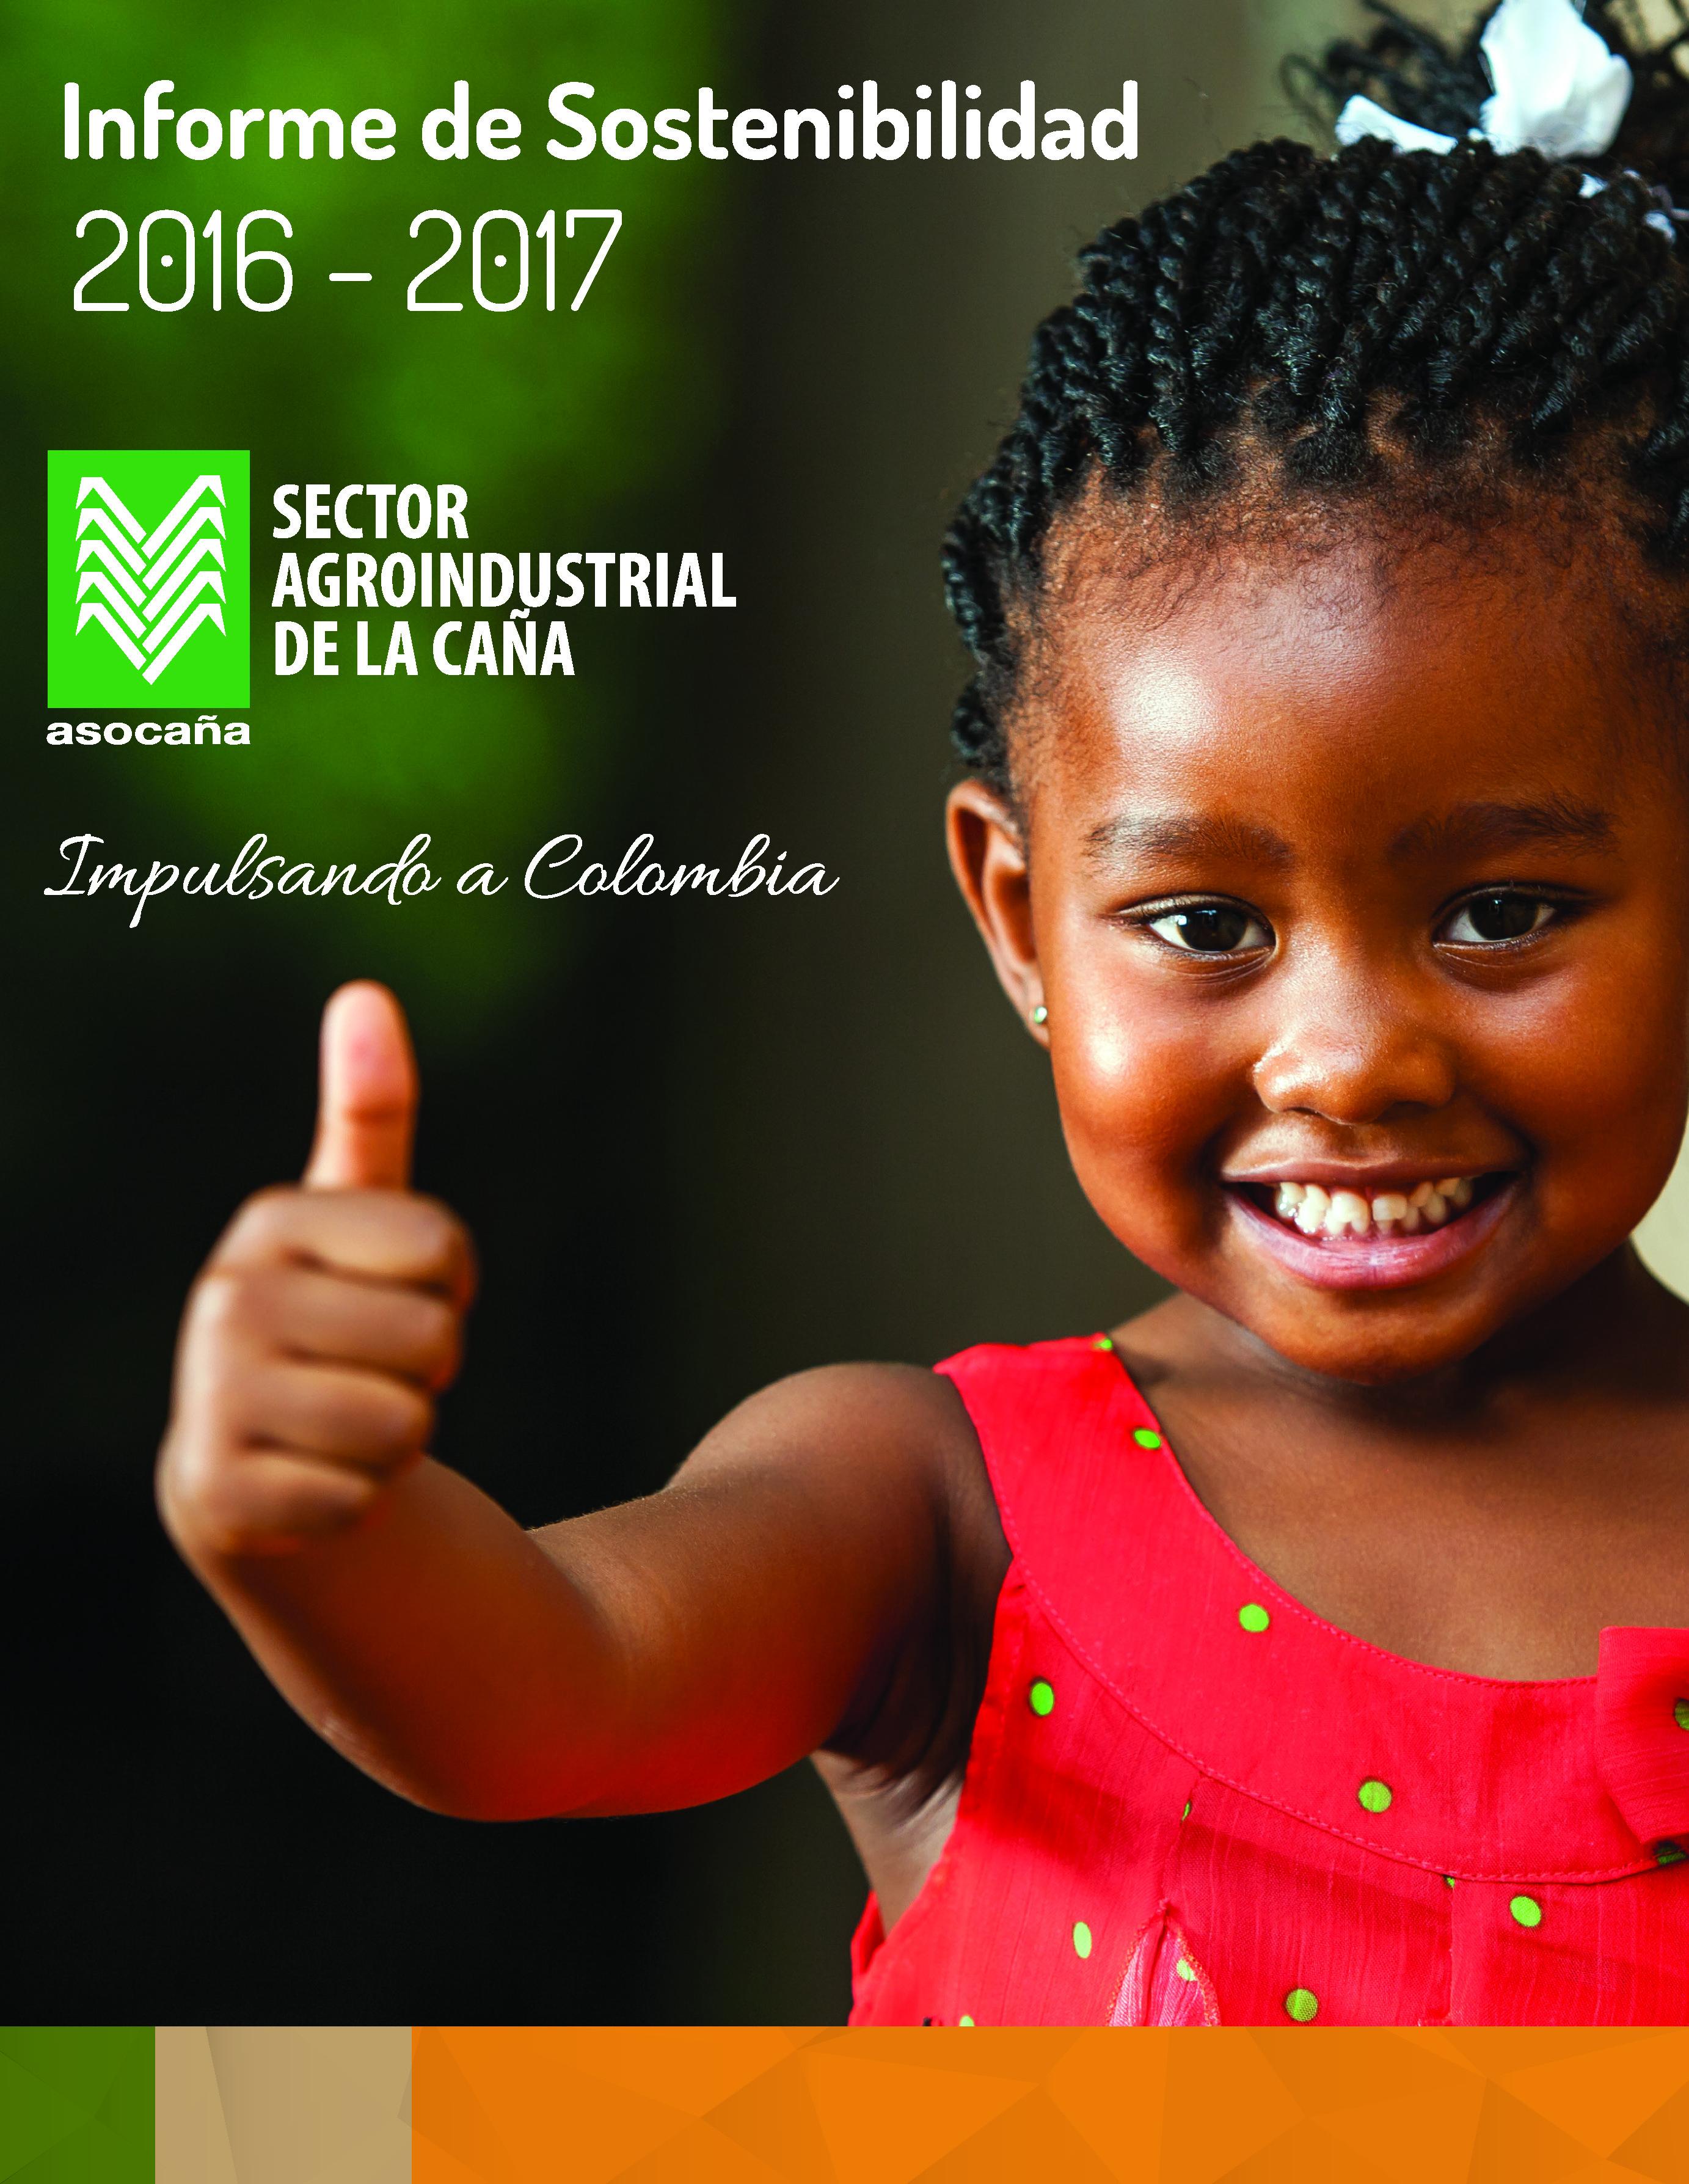 Informe de Sostenibilidad 2016 - 2017